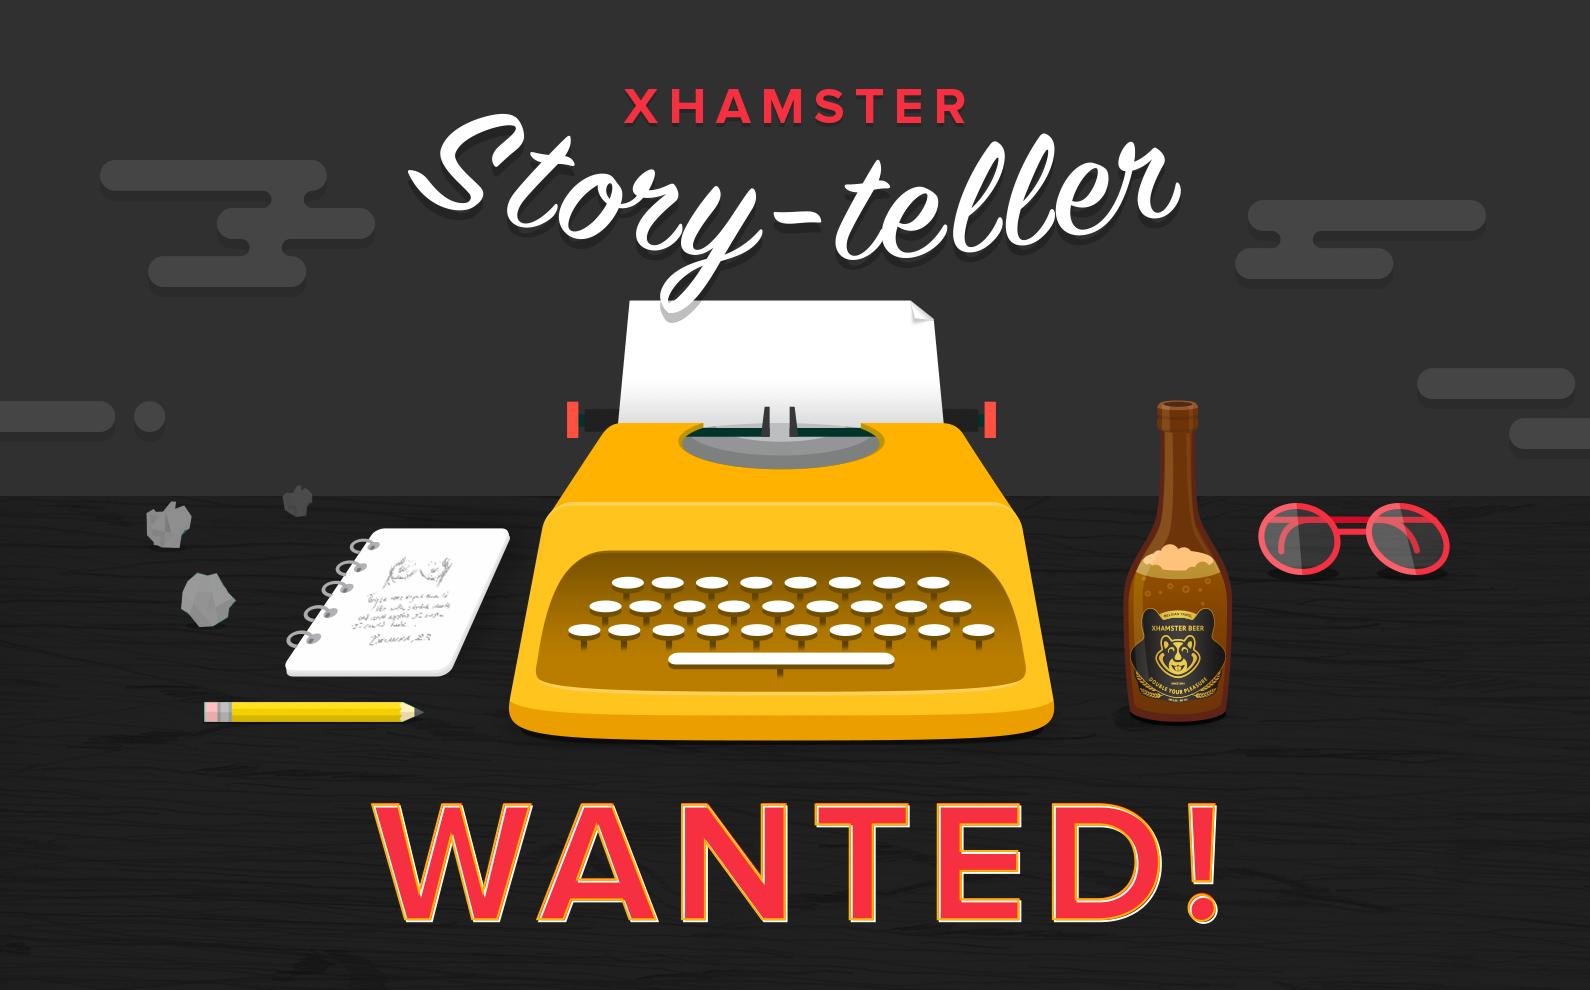 xHamster story-teller wanted!